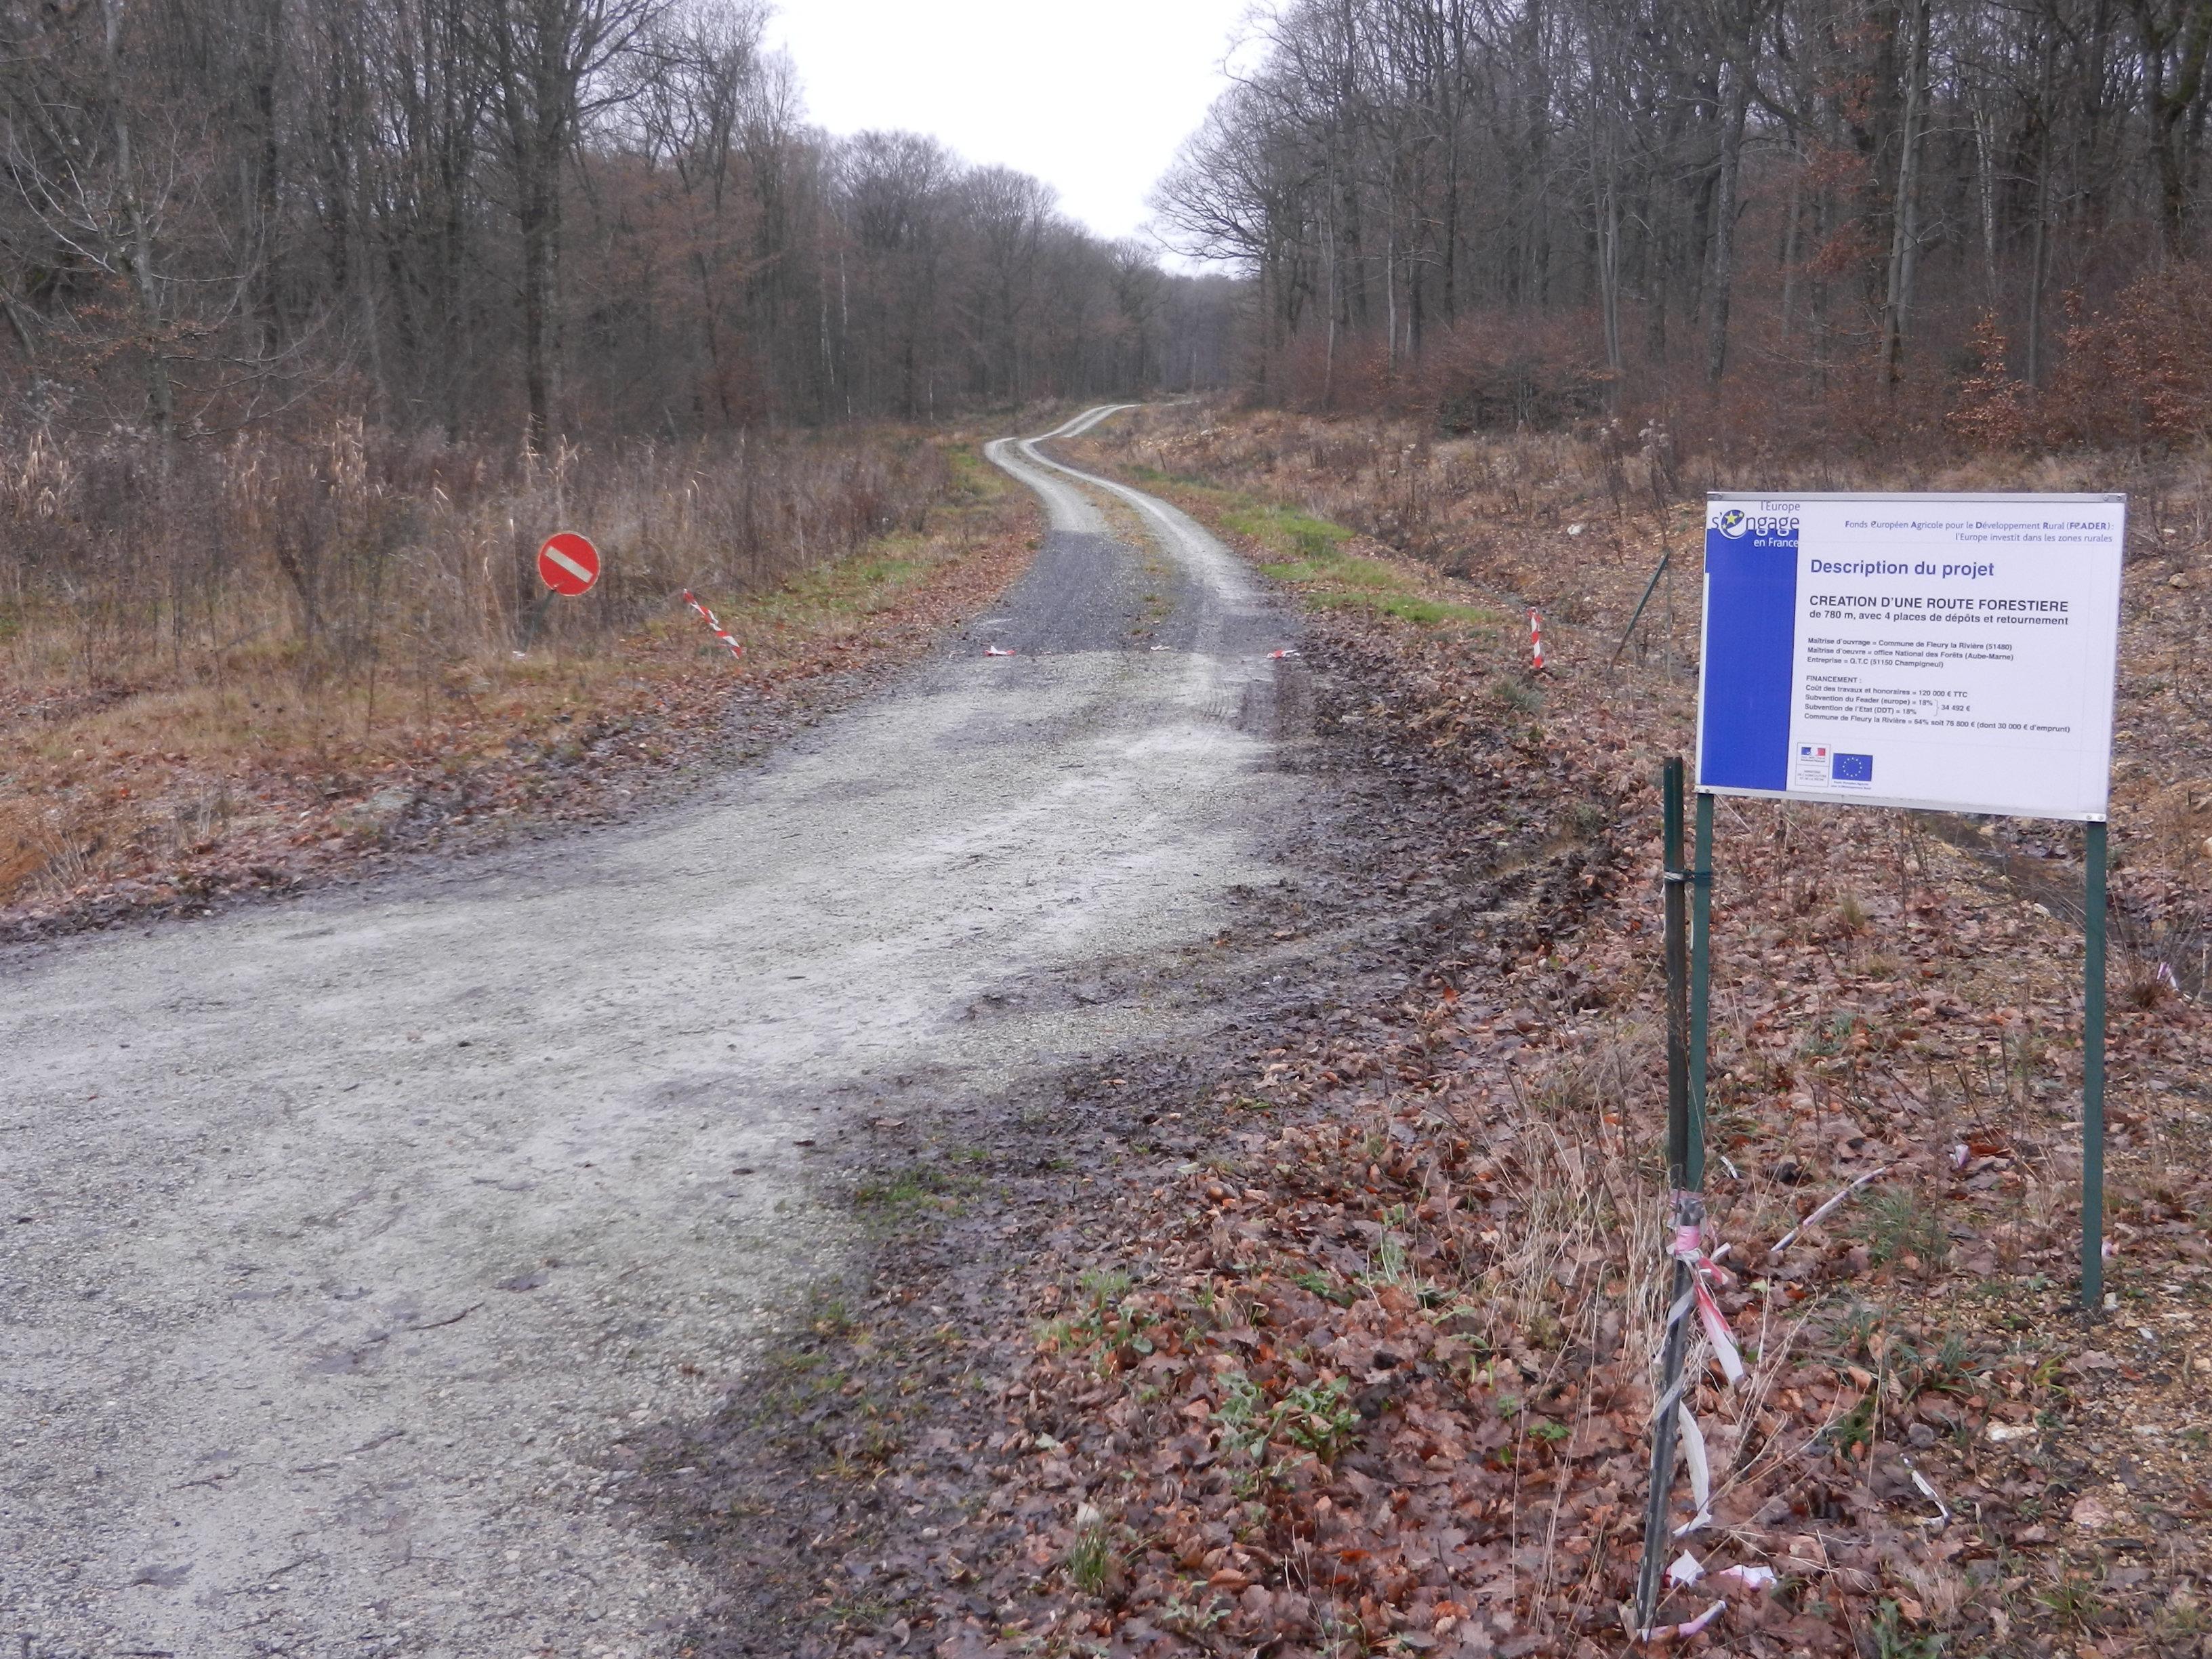 la-recente-route-forestiere-pour-favoriser-la-gestion-des-ventes-de-bois